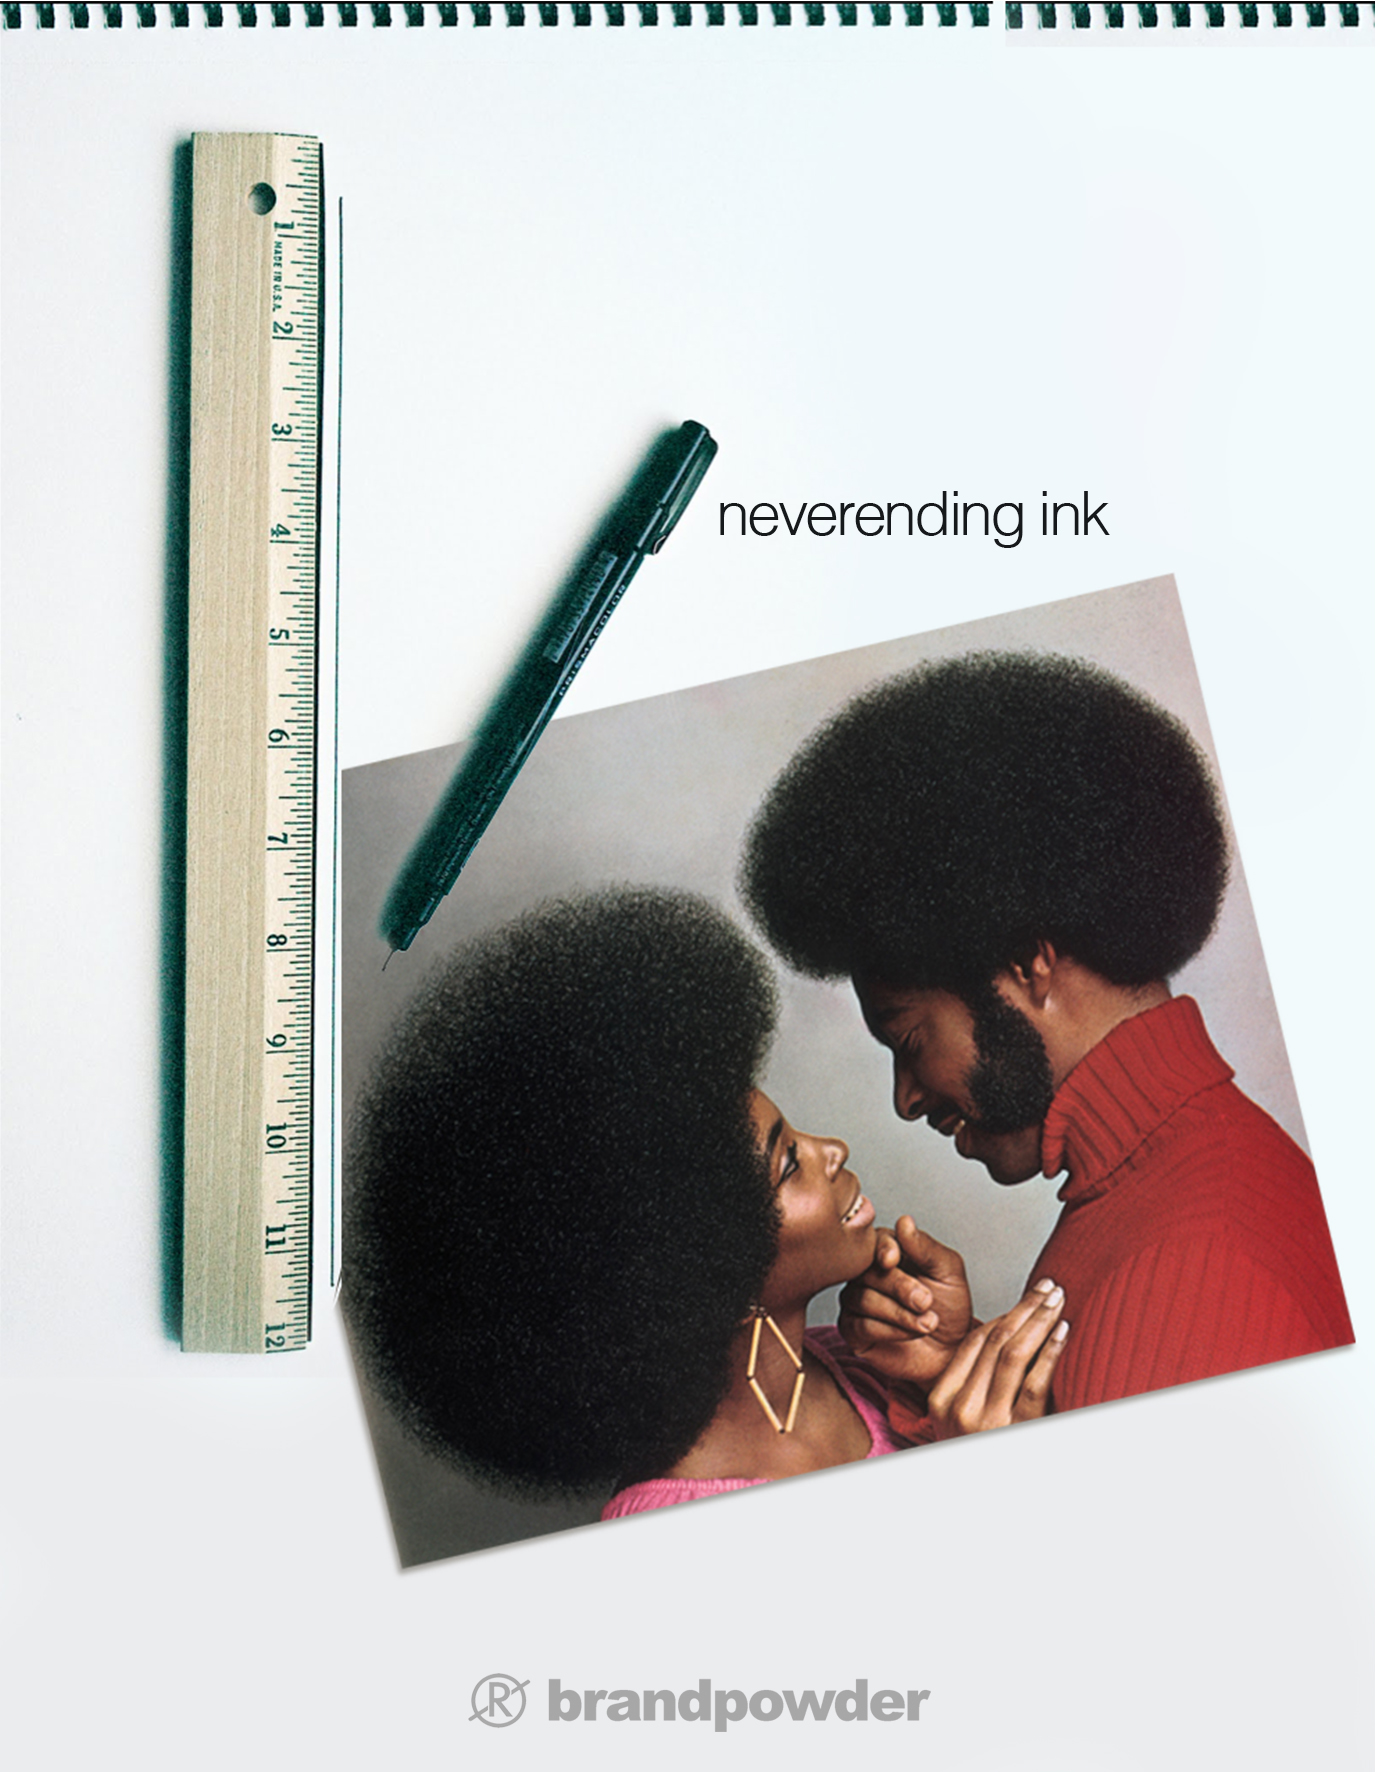 neverending